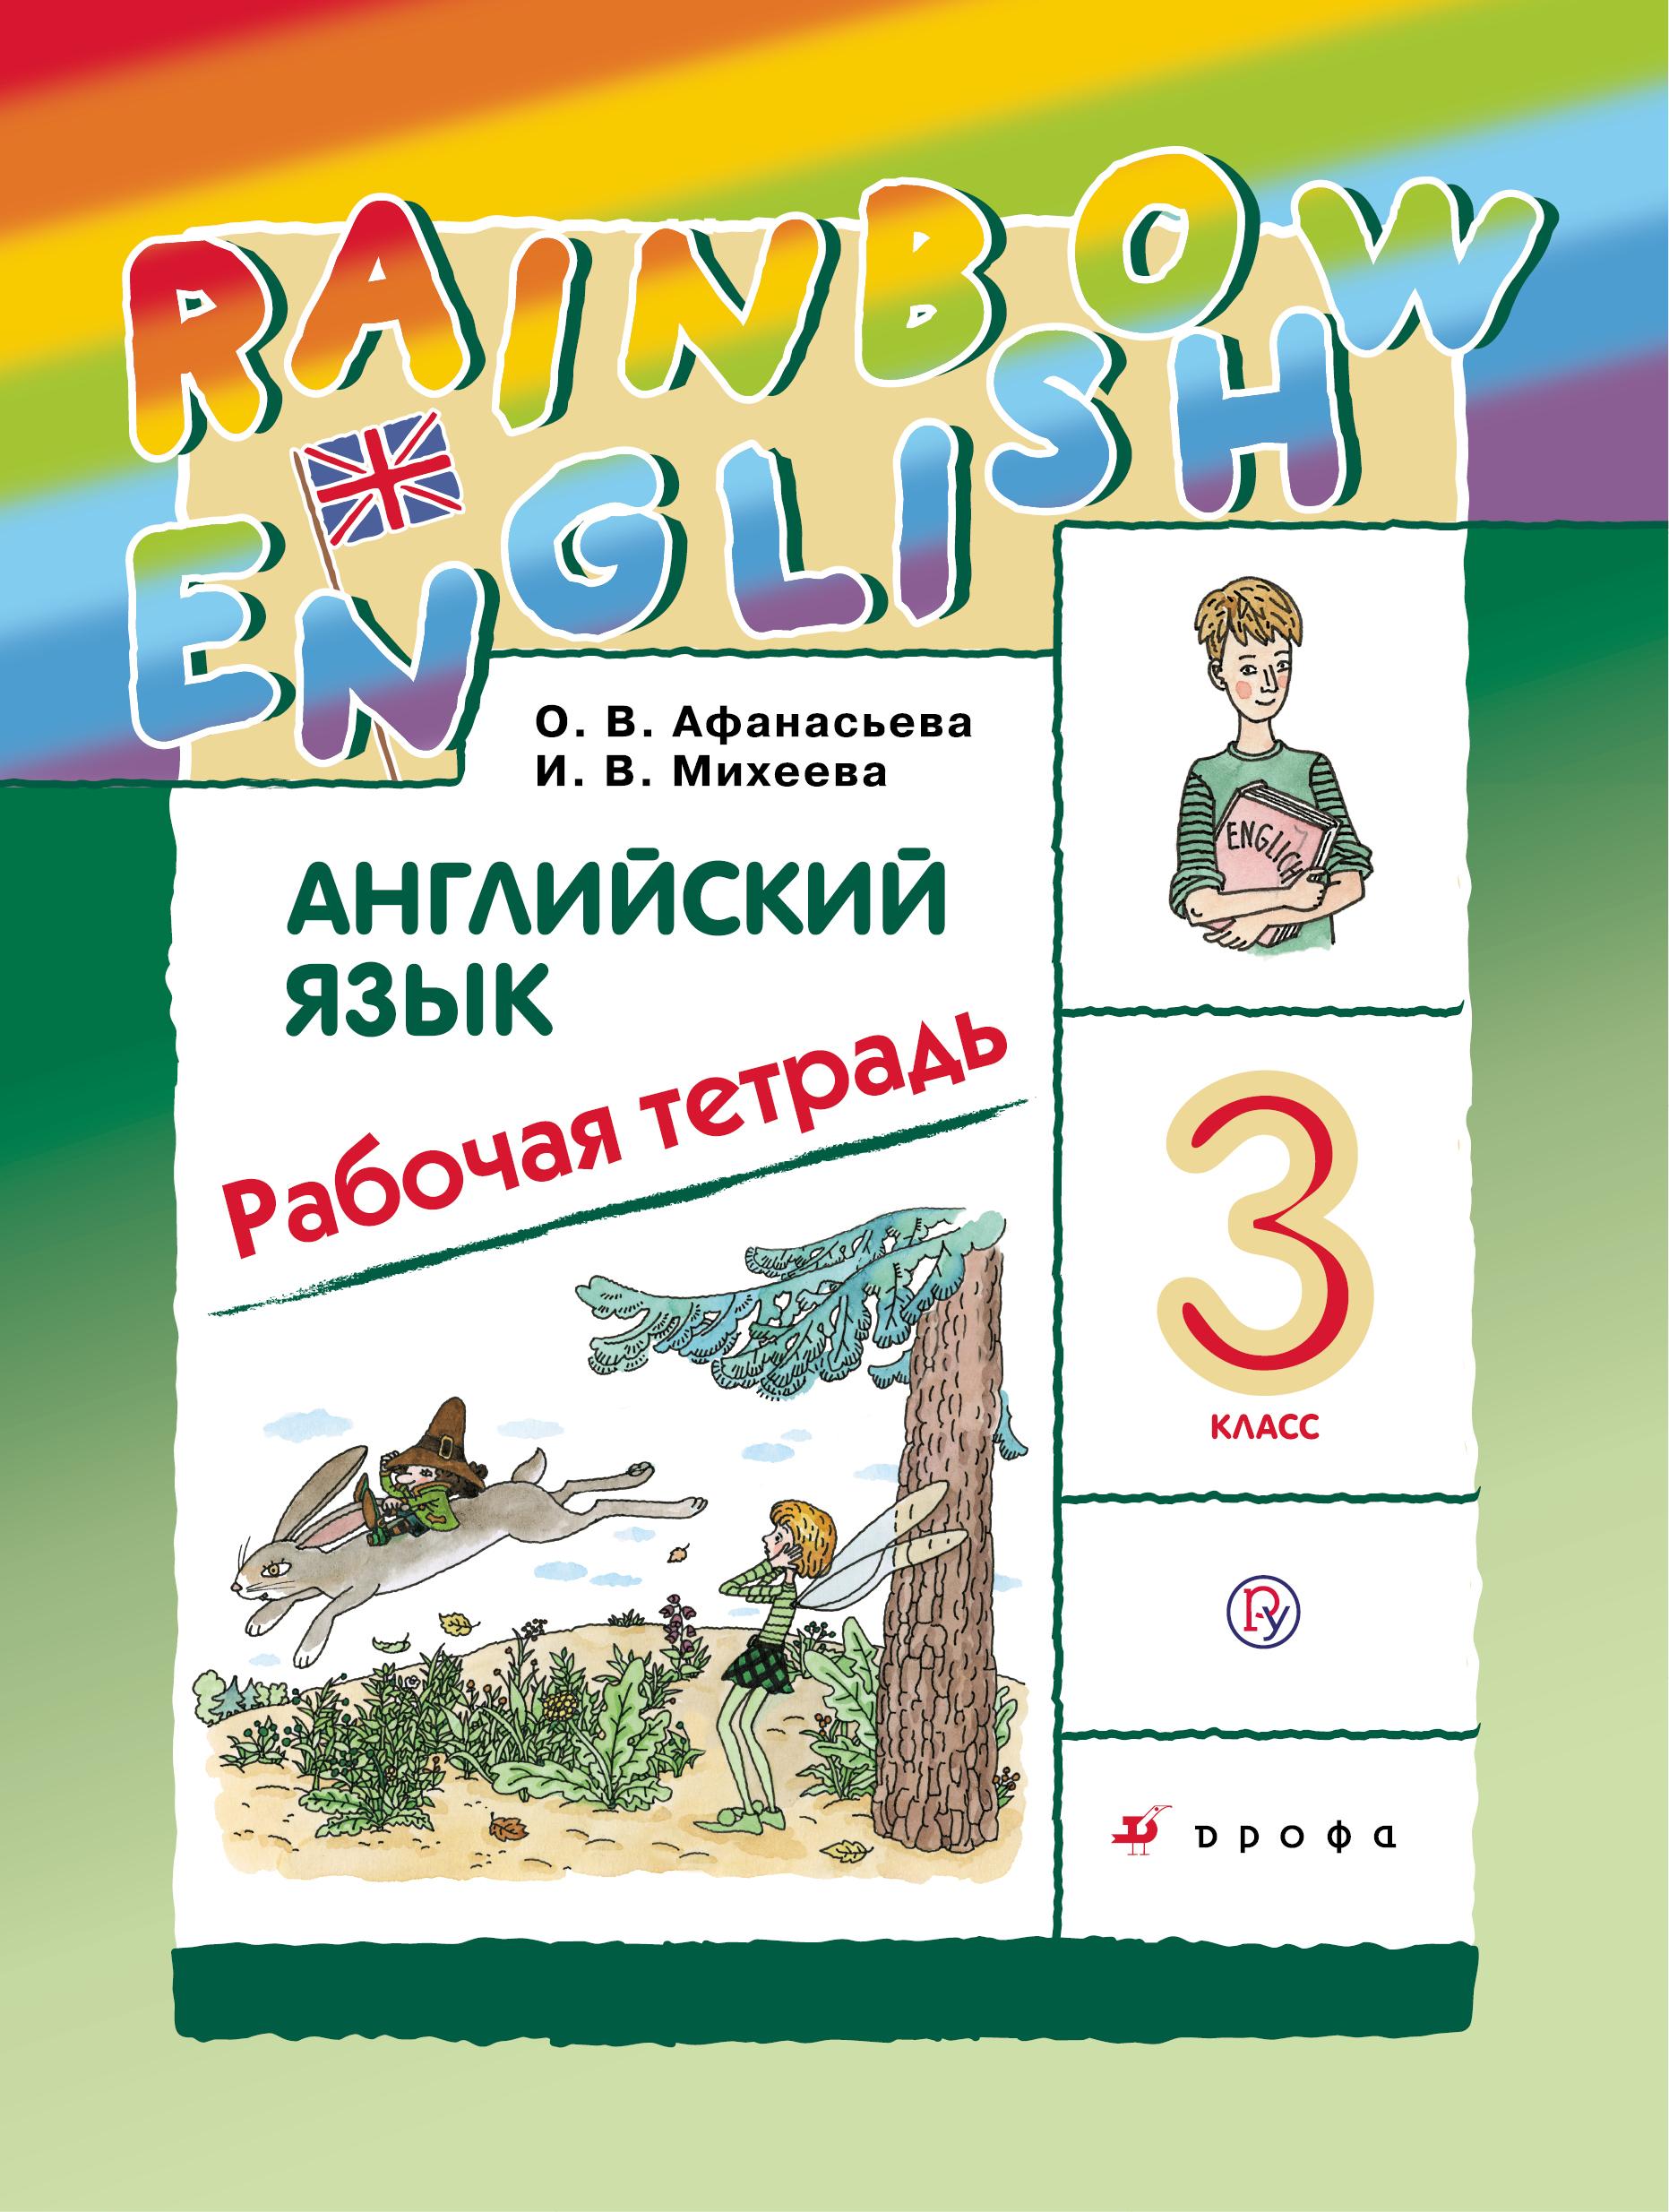 О. В. Афанасьева, И. В. Михеева Английский язык. 3 класс. Рабочая тетрадь